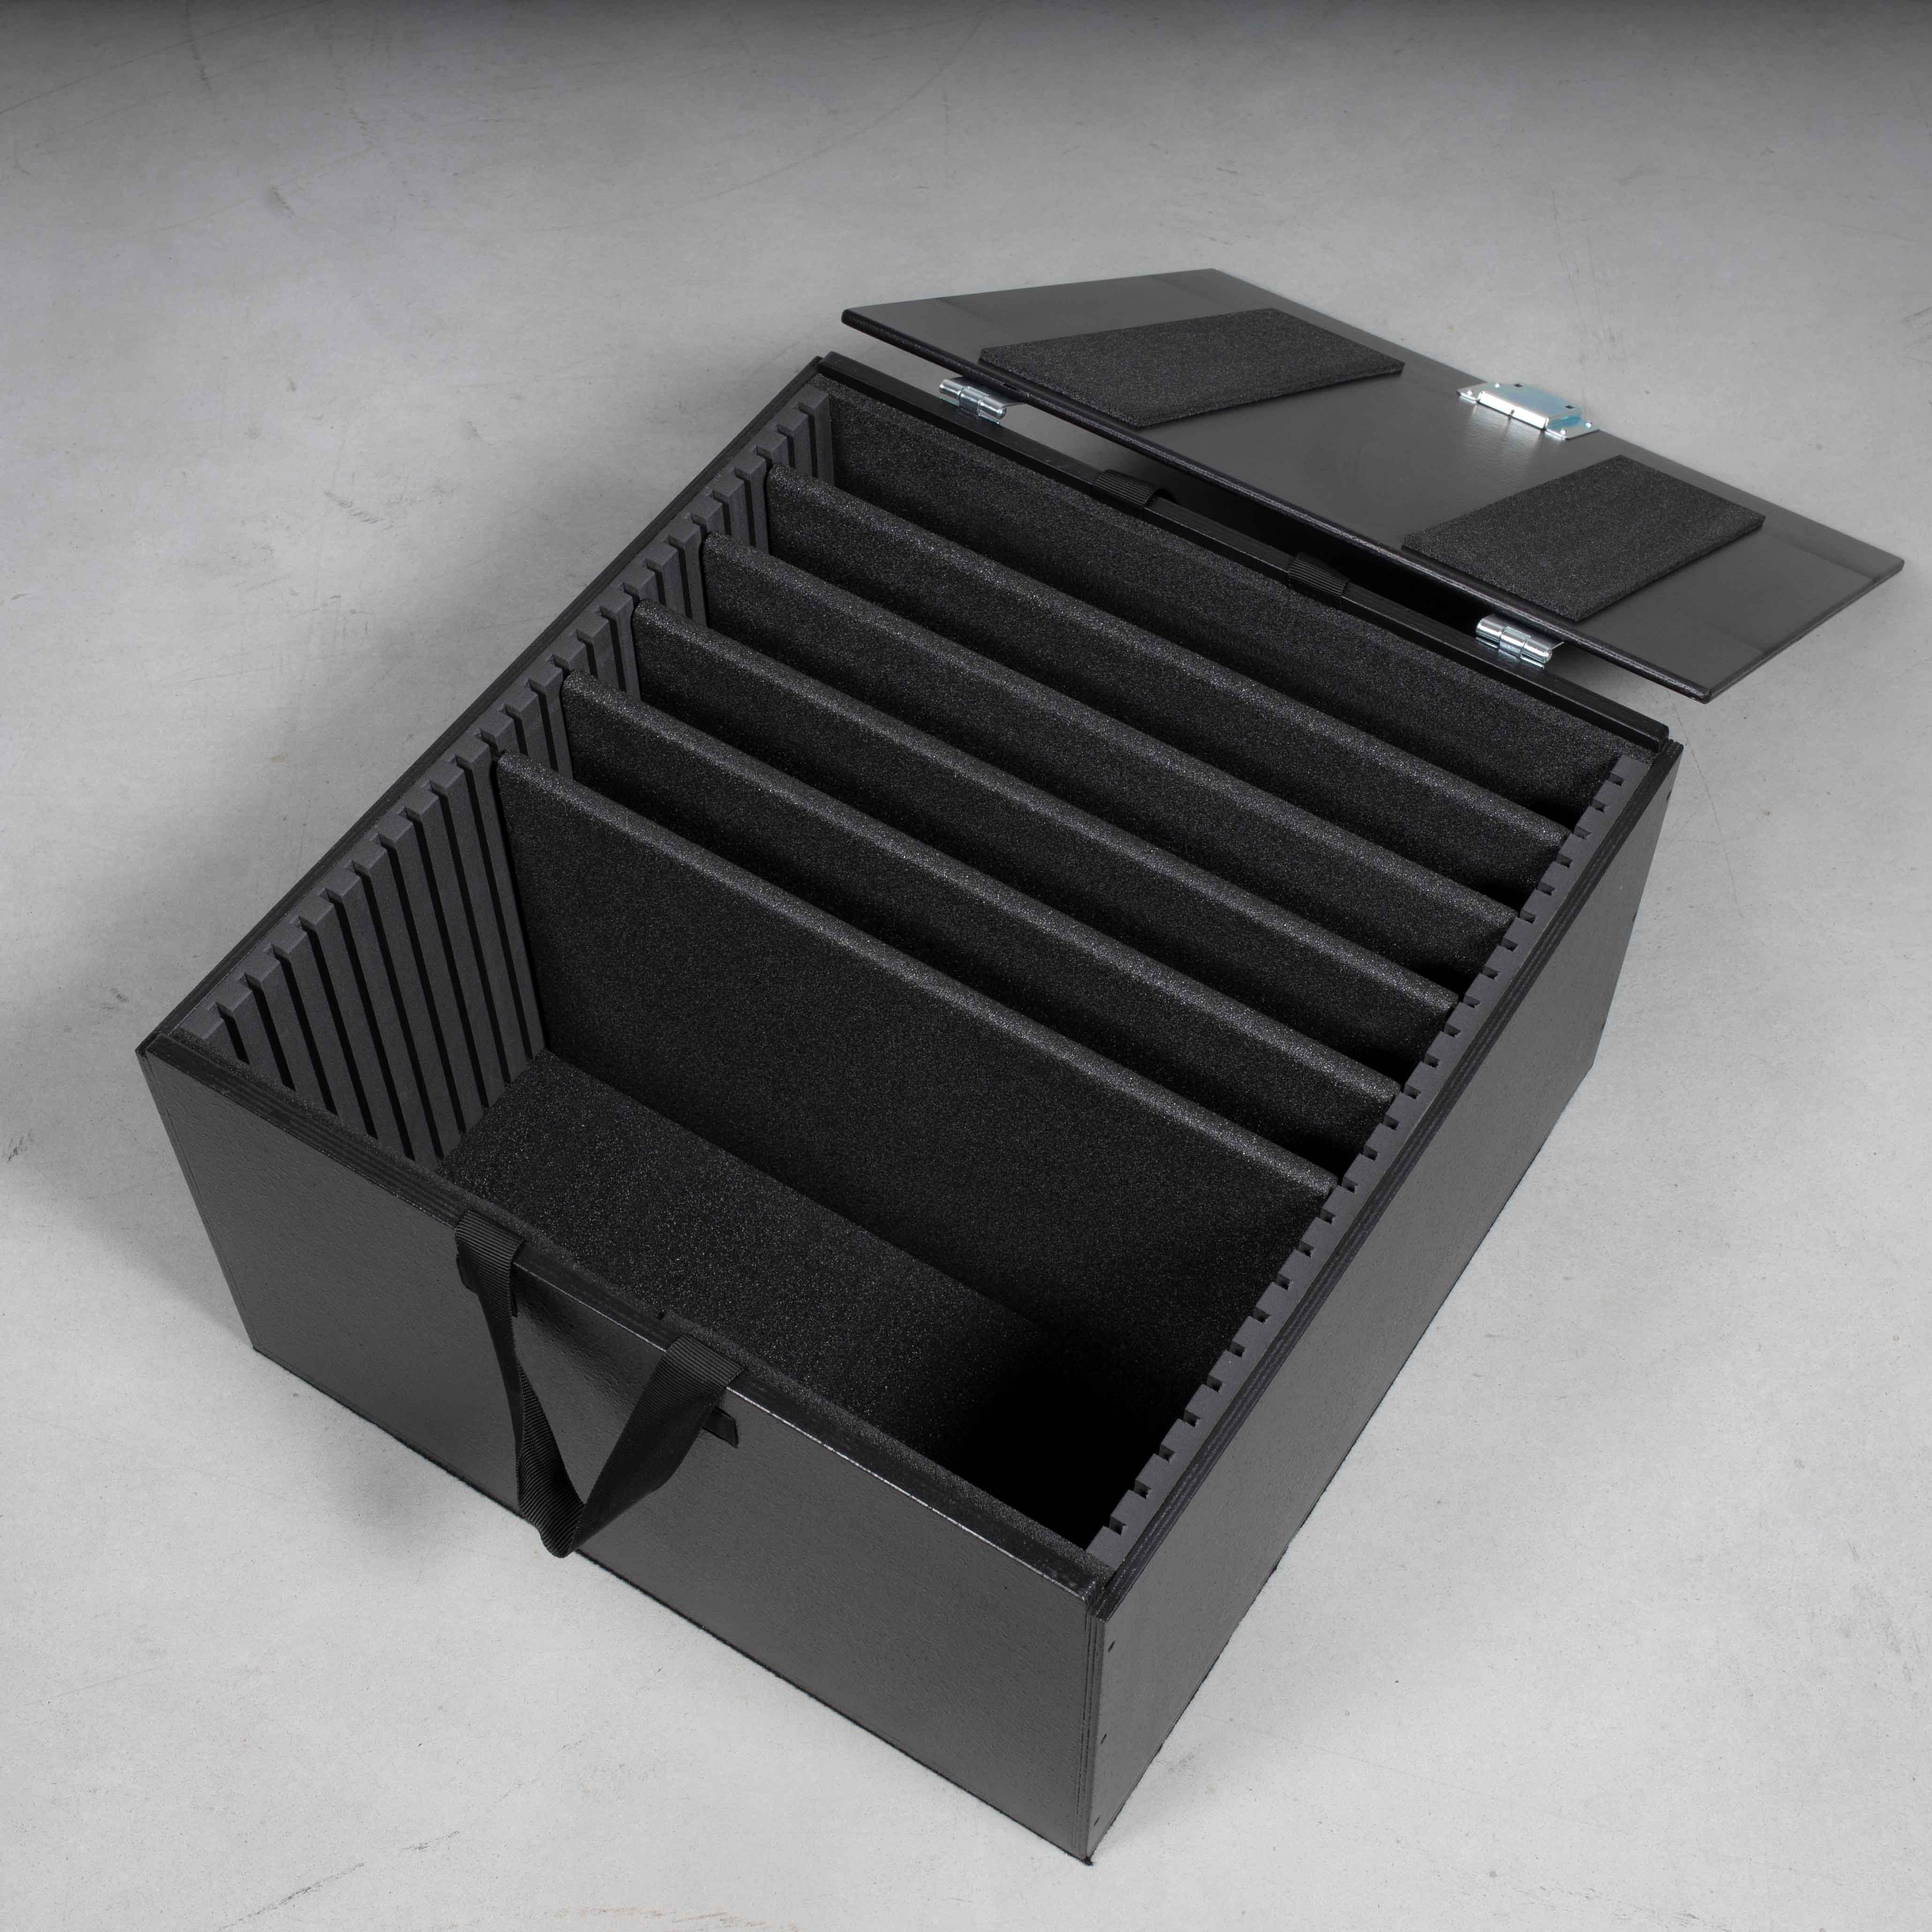 Packcaseeinsatz Universal für 5x Laptops und Zubehör (Für Packcase ohne Stapelschalen)